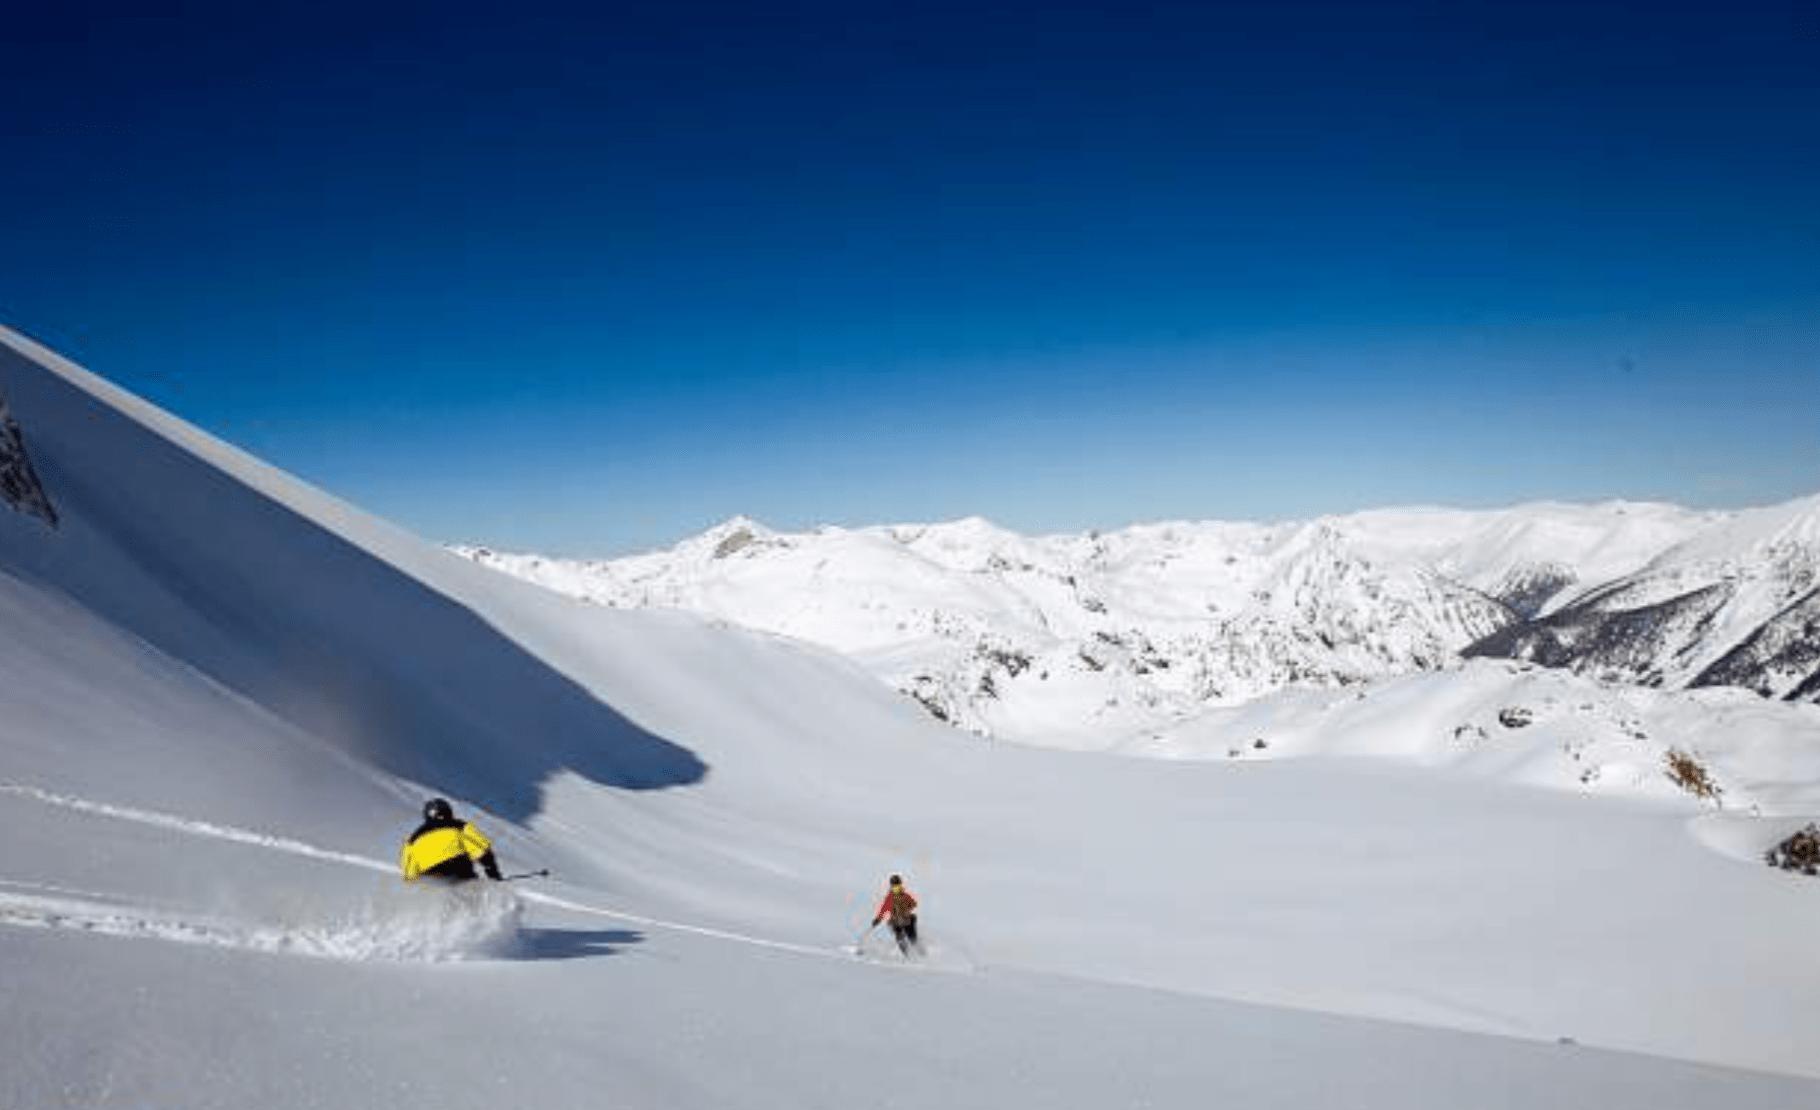 heli-skier